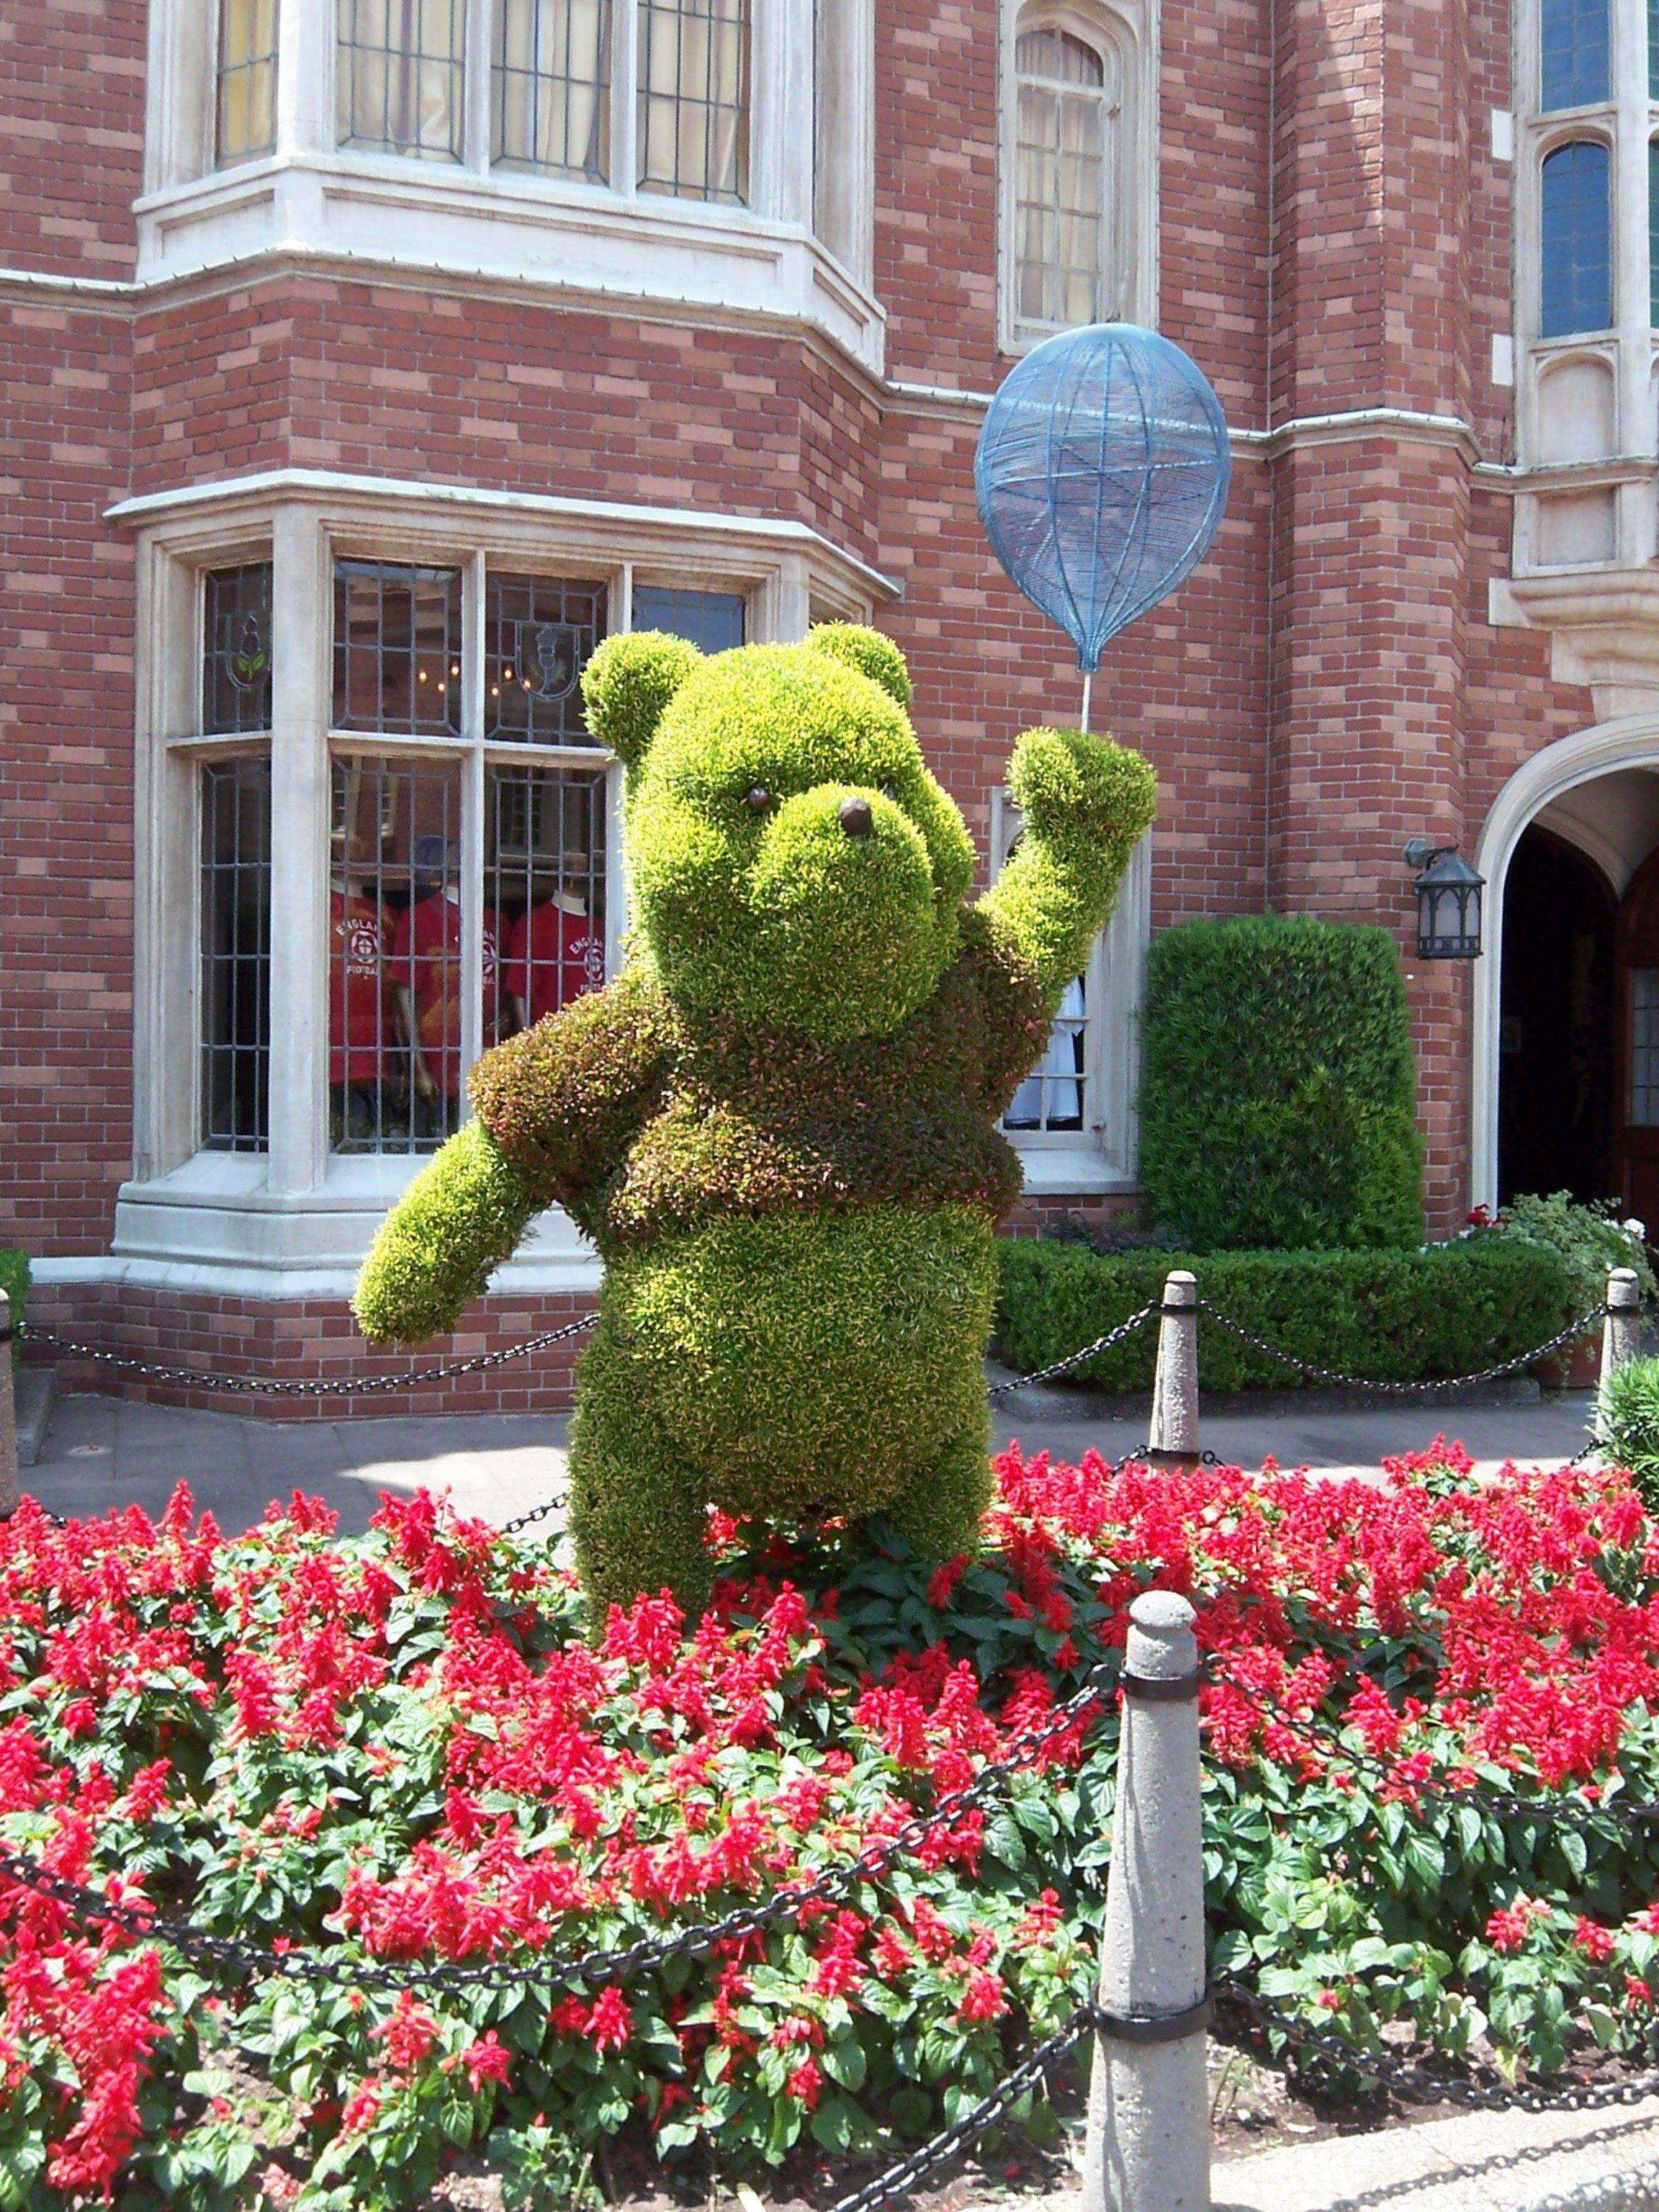 Disney Topiary Part - 40: 46 Best Disney Topiaries Images On Pinterest | Topiary Garden, Garden Art  And Topiaries